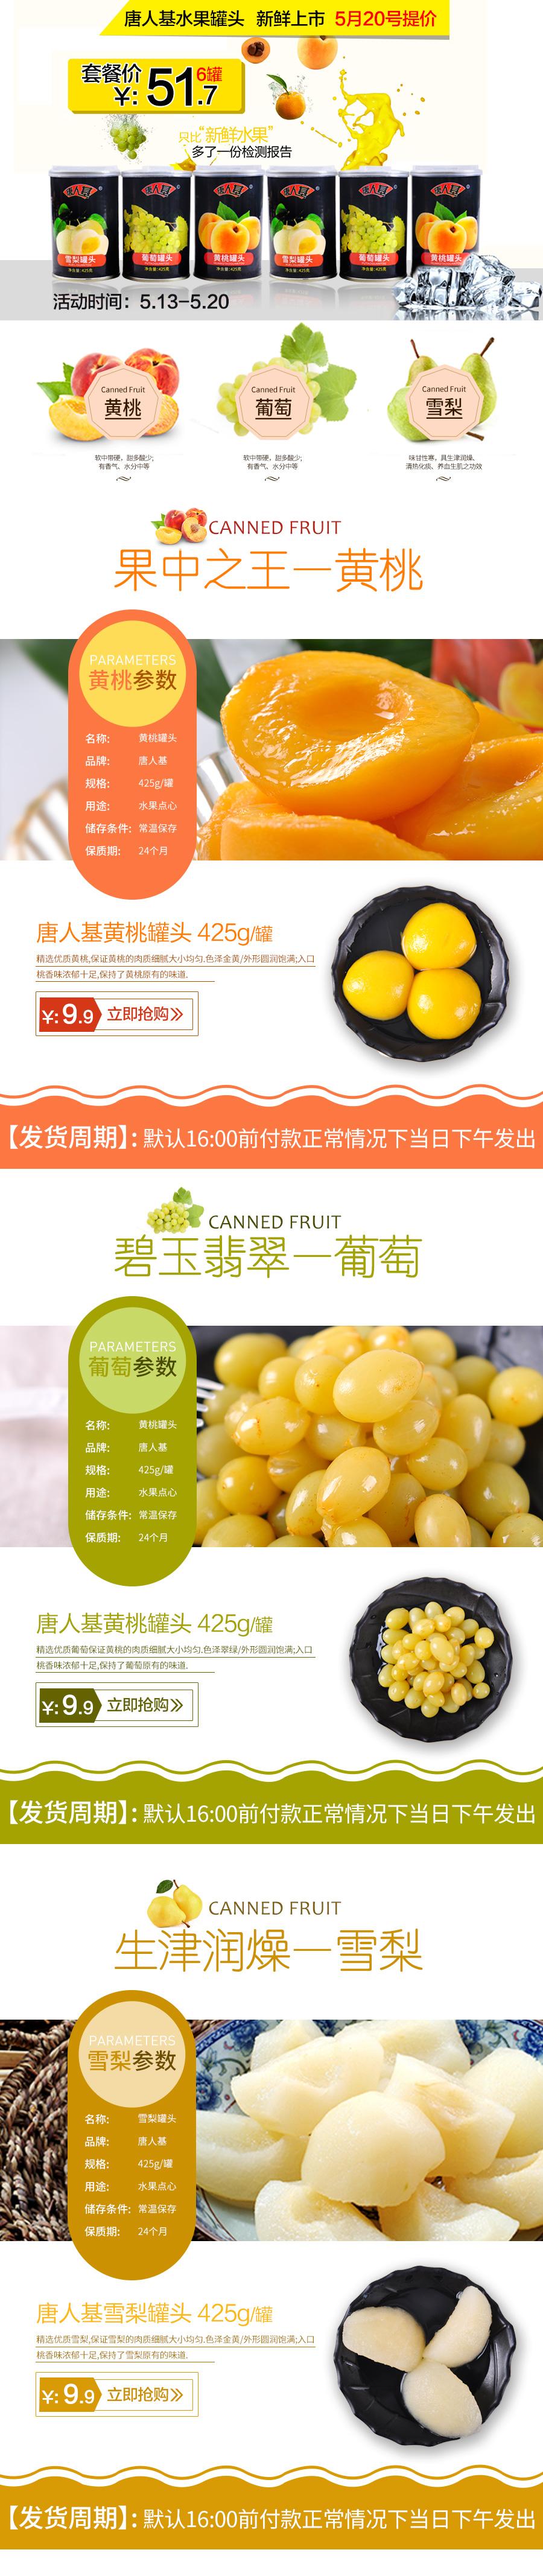 水果蔬菜宣传网页模板图片